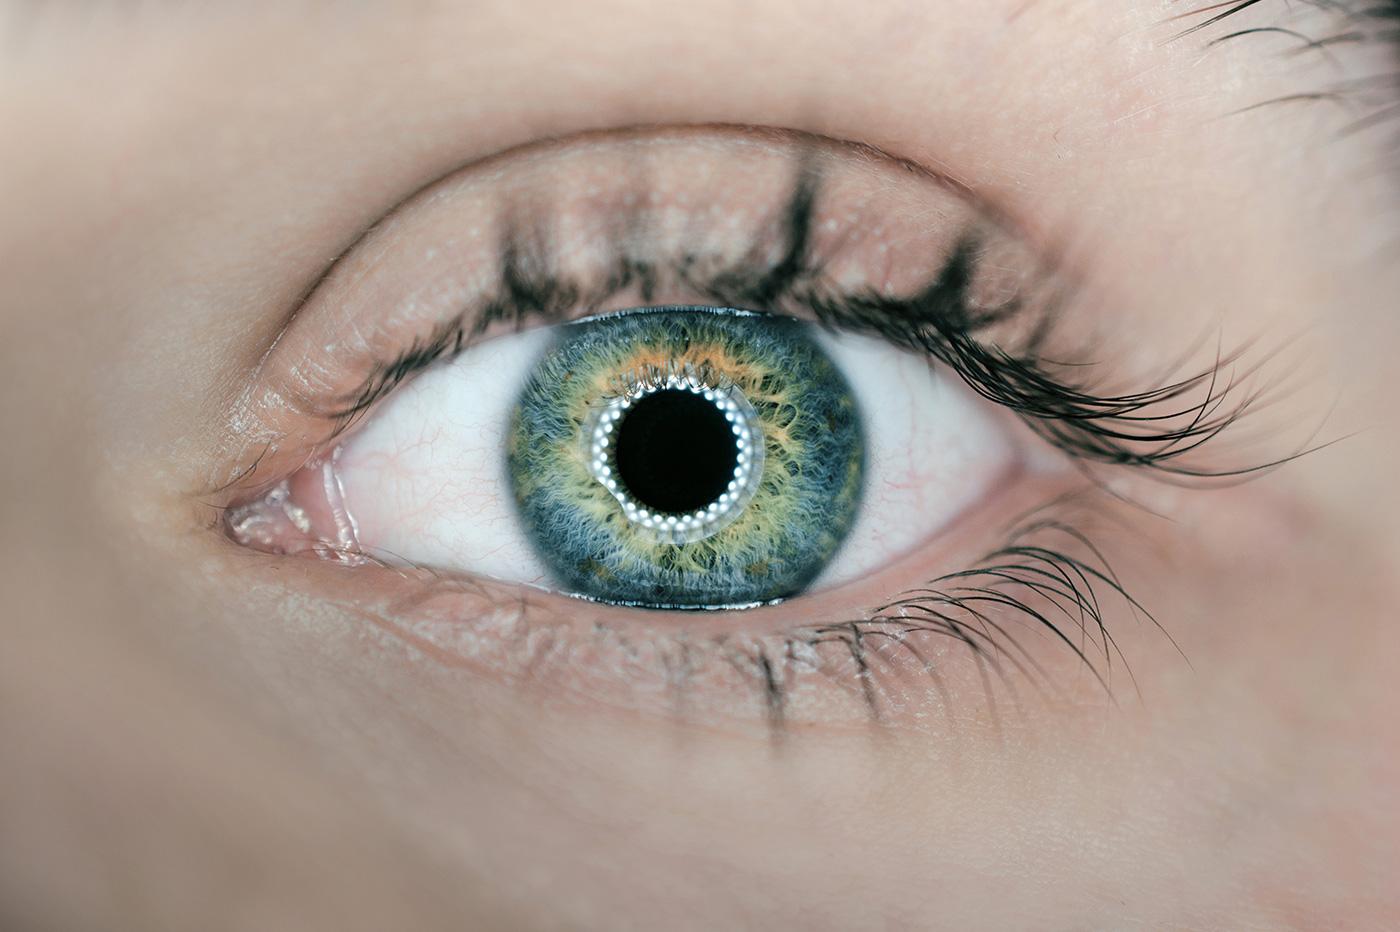 L'armée US travaille sur une technologie de reconnaissance faciale fonctionnelle dans le noir